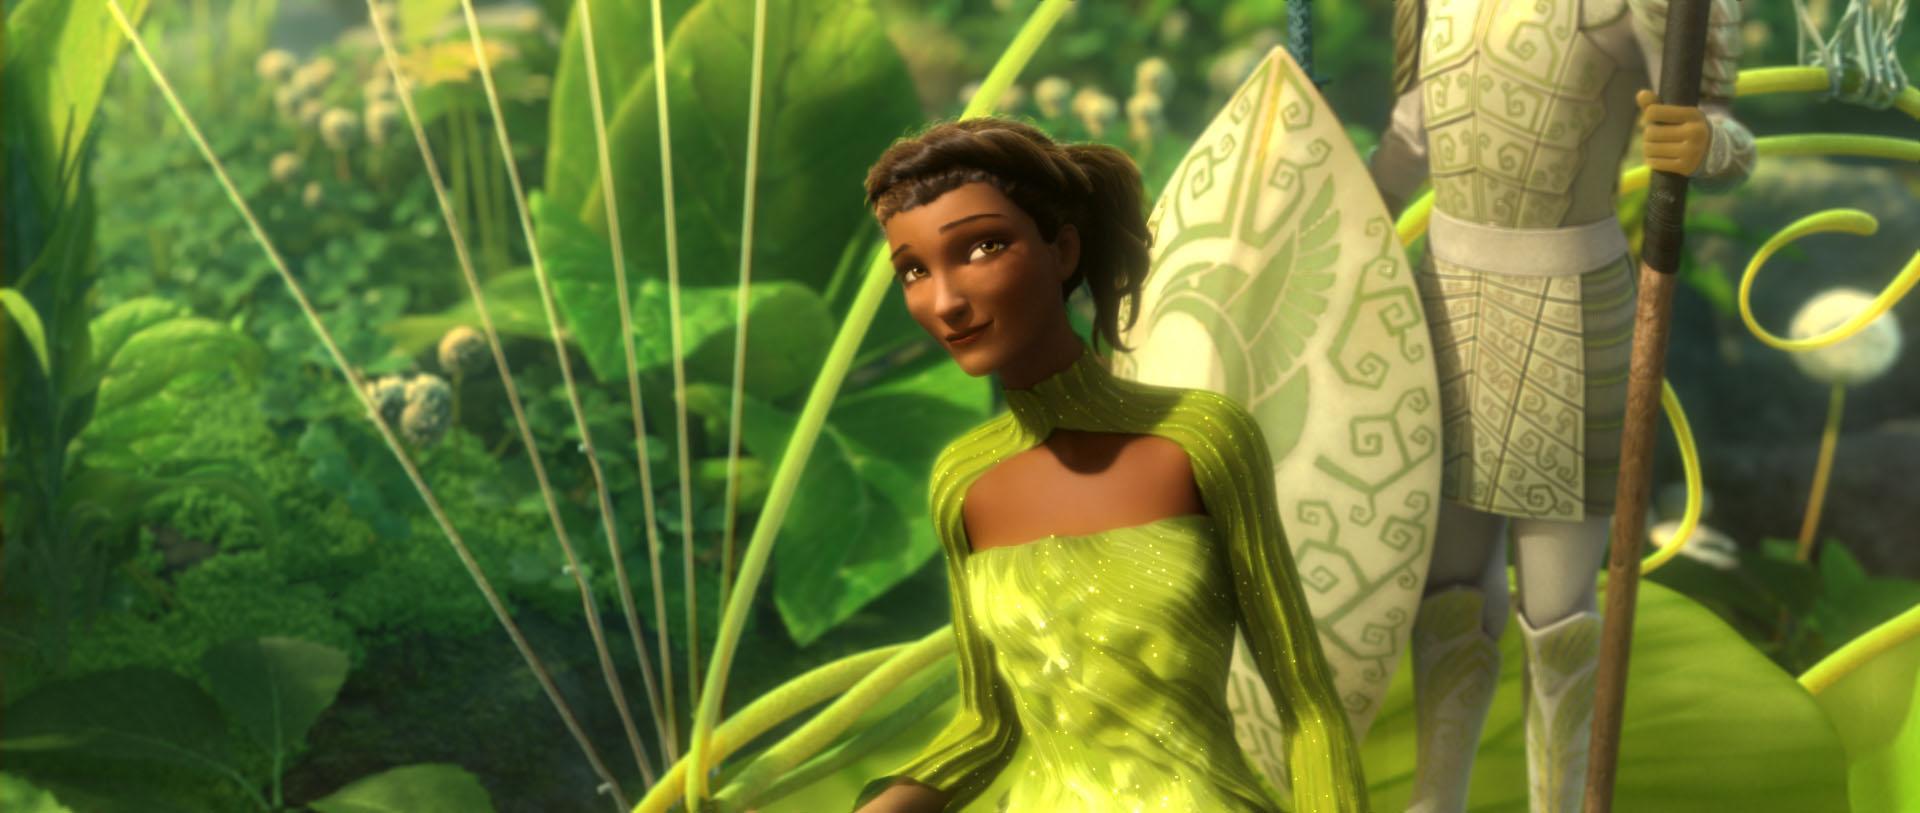 epic beyonce as queen tara blackfilmcomread